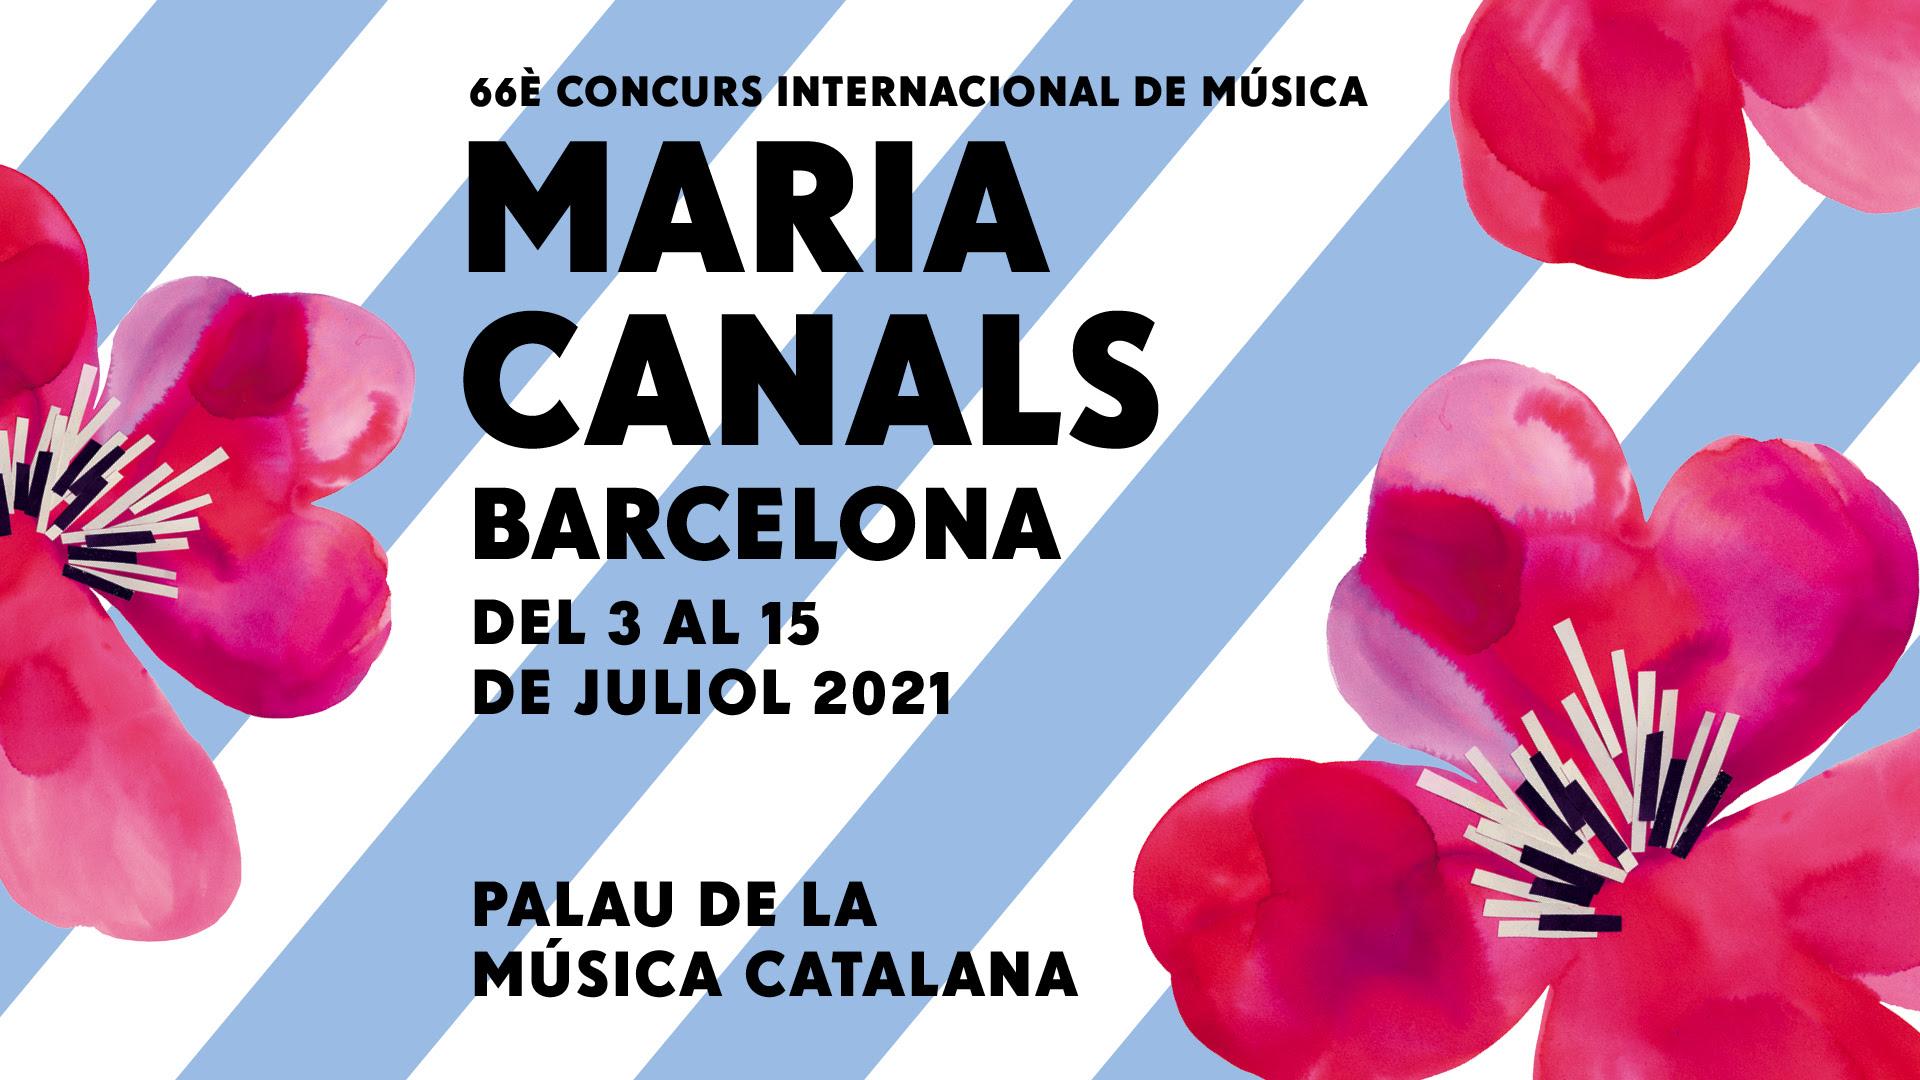 Lucas Macías dirige la Strauss y Stravinski en su debut con la Real Orquesta Sinfónica de Sevilla